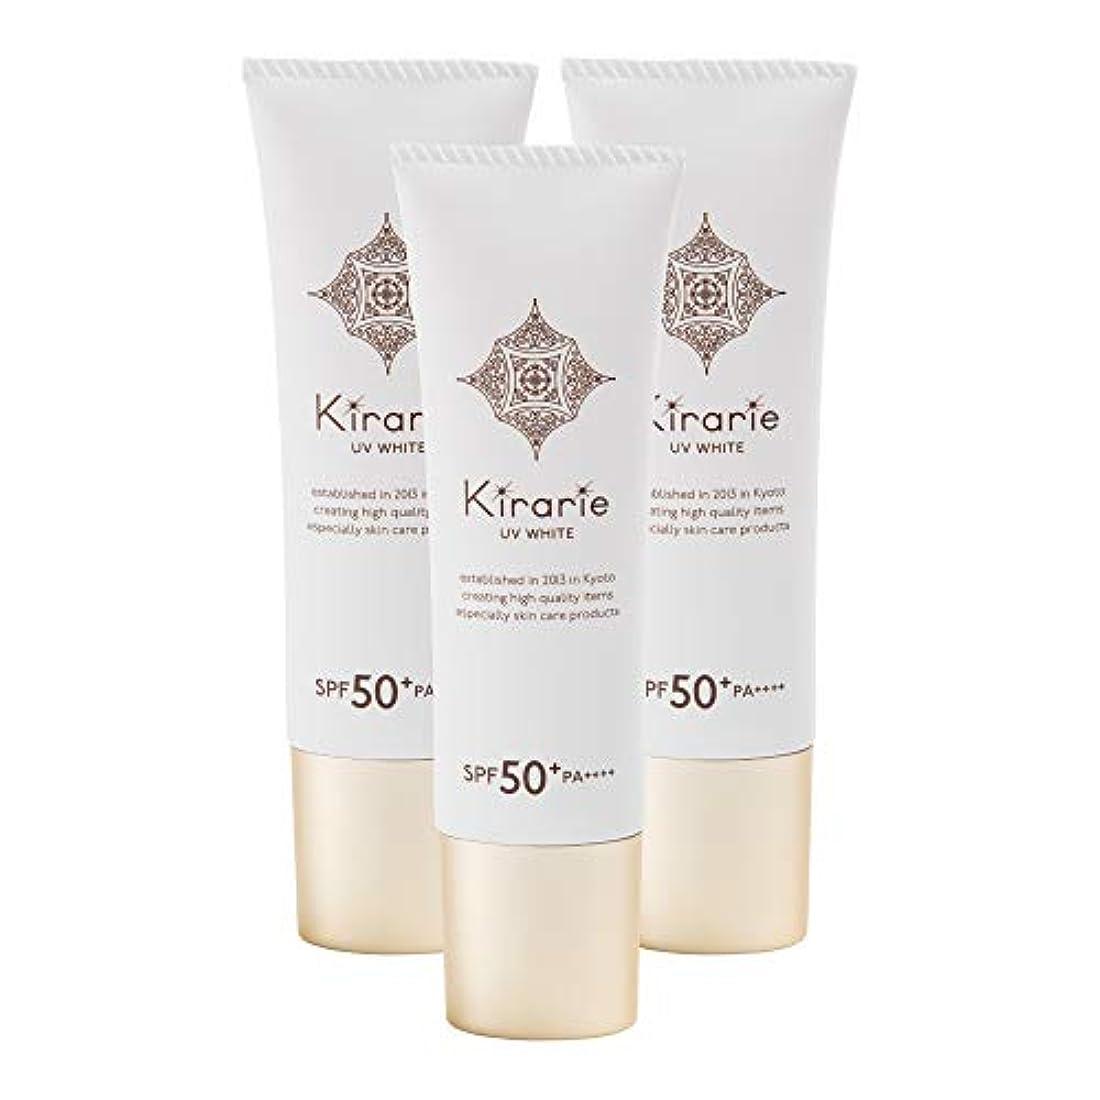 証明する宙返り成熟キラリエUVホワイト 25g 化粧下地にも 日焼け止めクリーム SPF50+プラス PA++++ フォープラス 医薬部外品 薬用美白UVクリーム (3個)